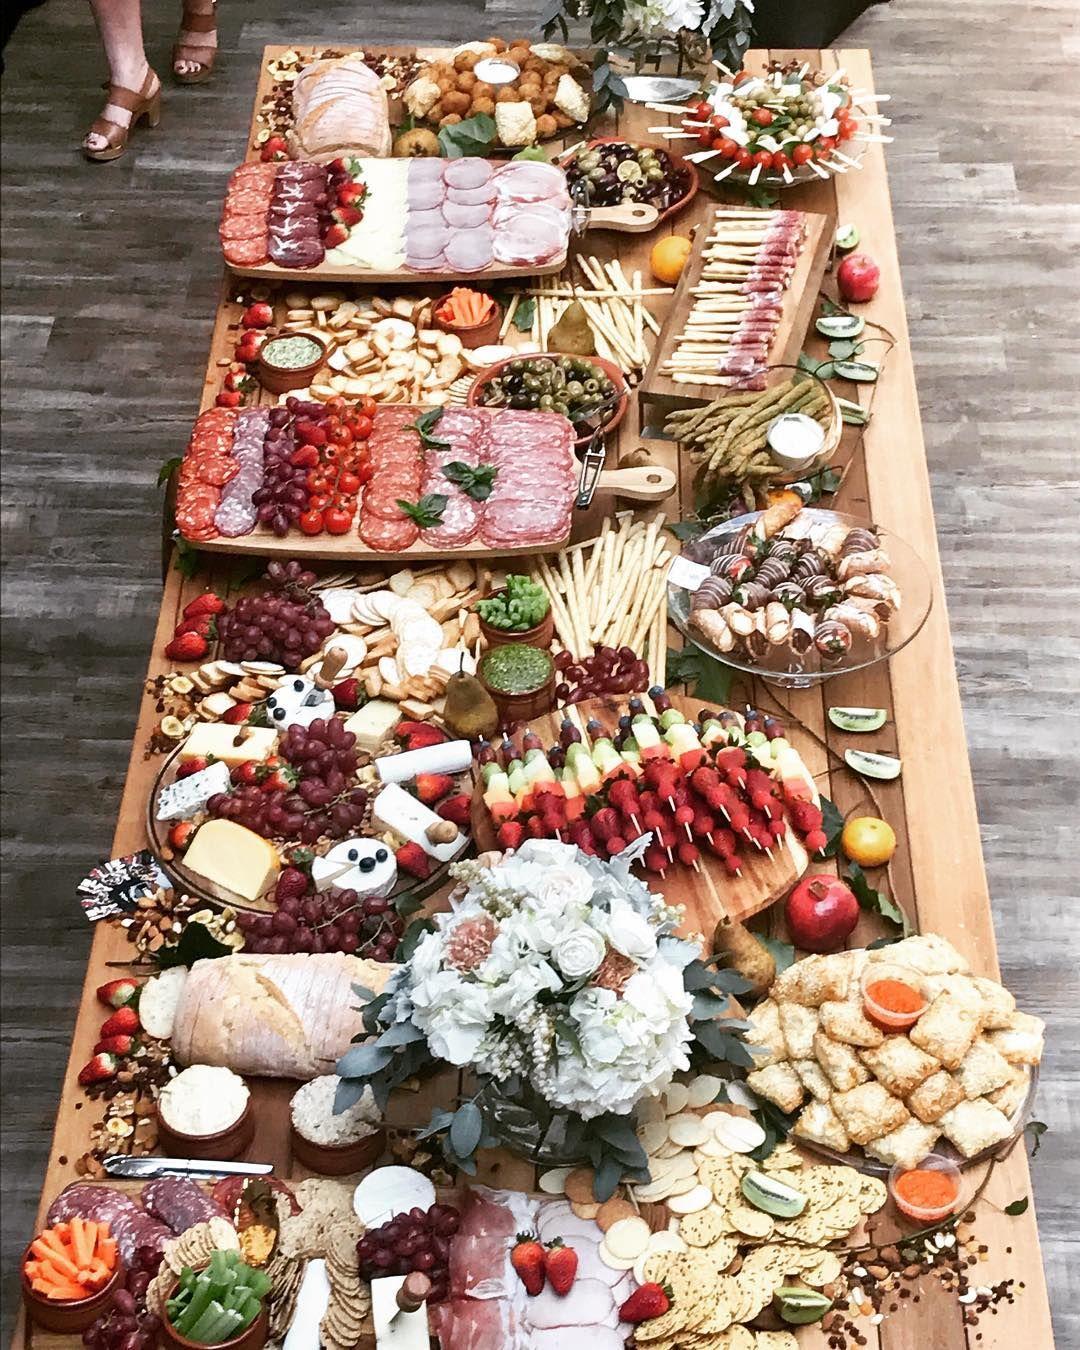 Grazing Station charcuterie board | Food platters, Charcuterie board